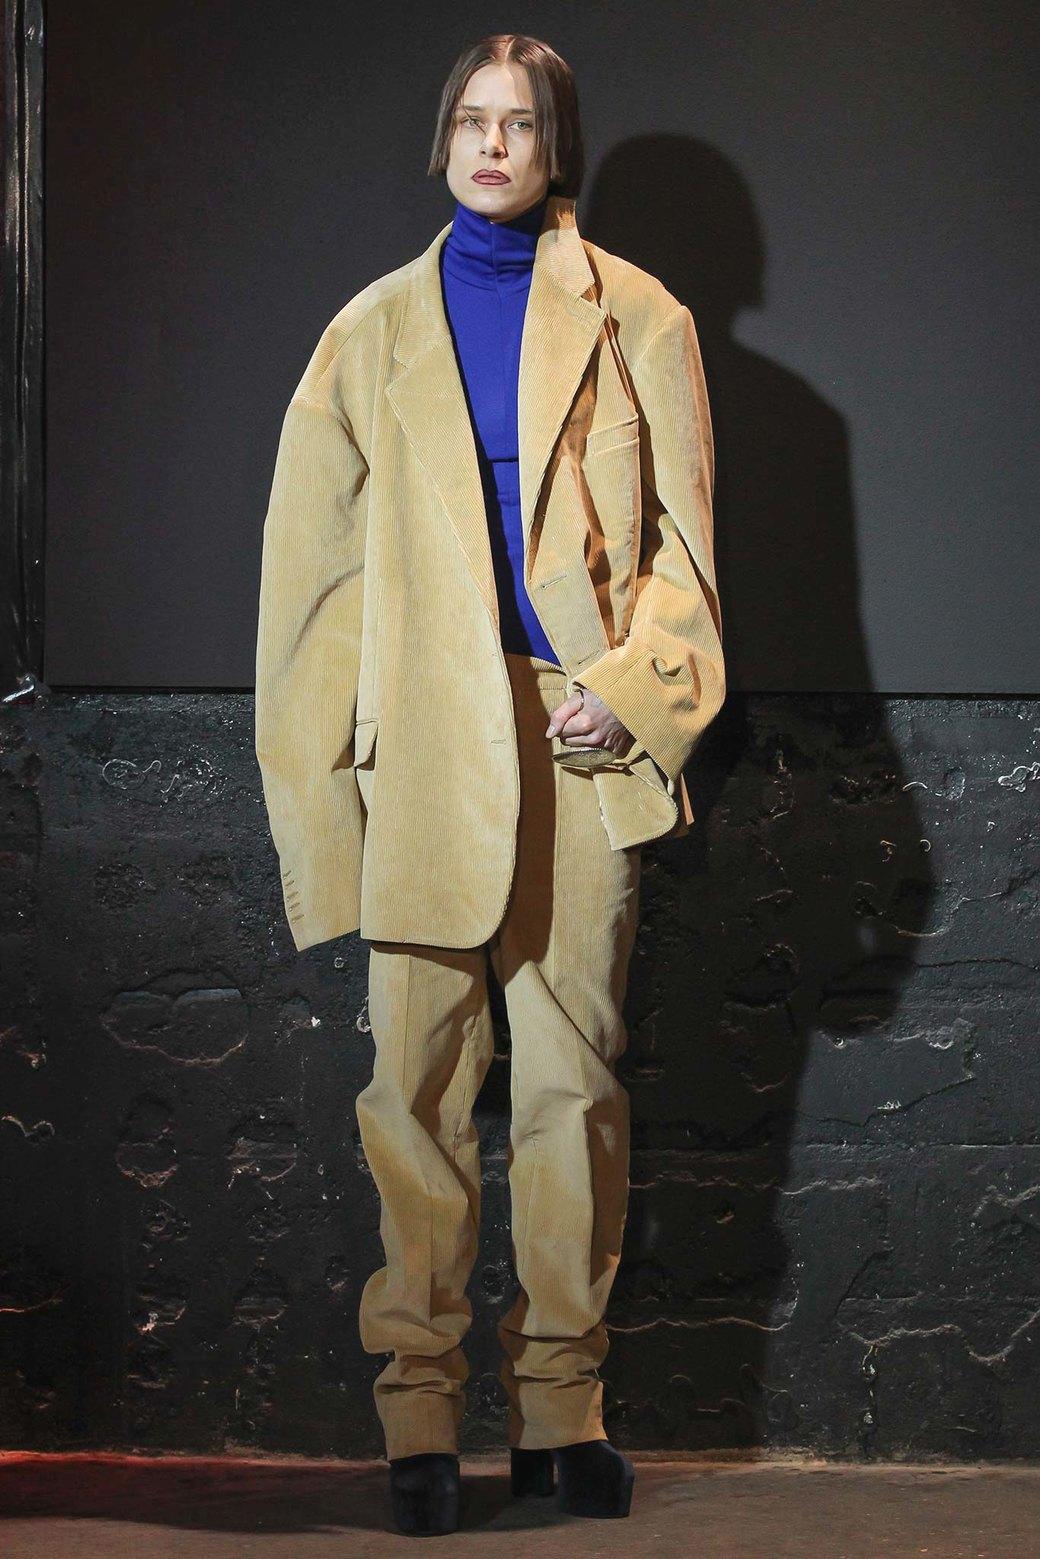 Гиперсайз: Мода для тех, кому не важен размер одежды. Изображение № 7.